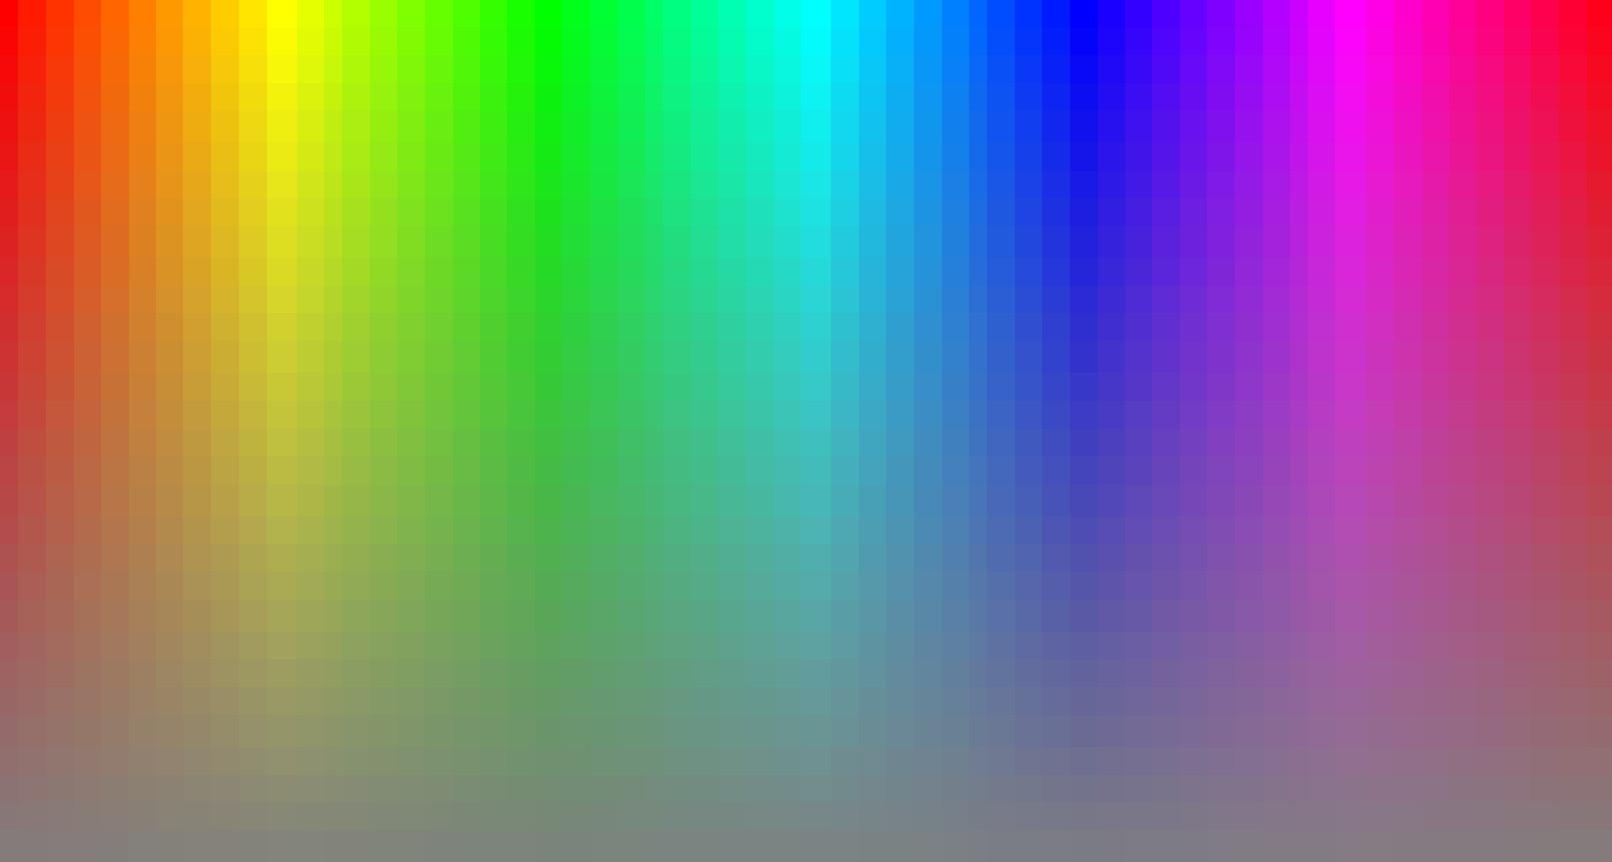 colors images rainbow colour - photo #8